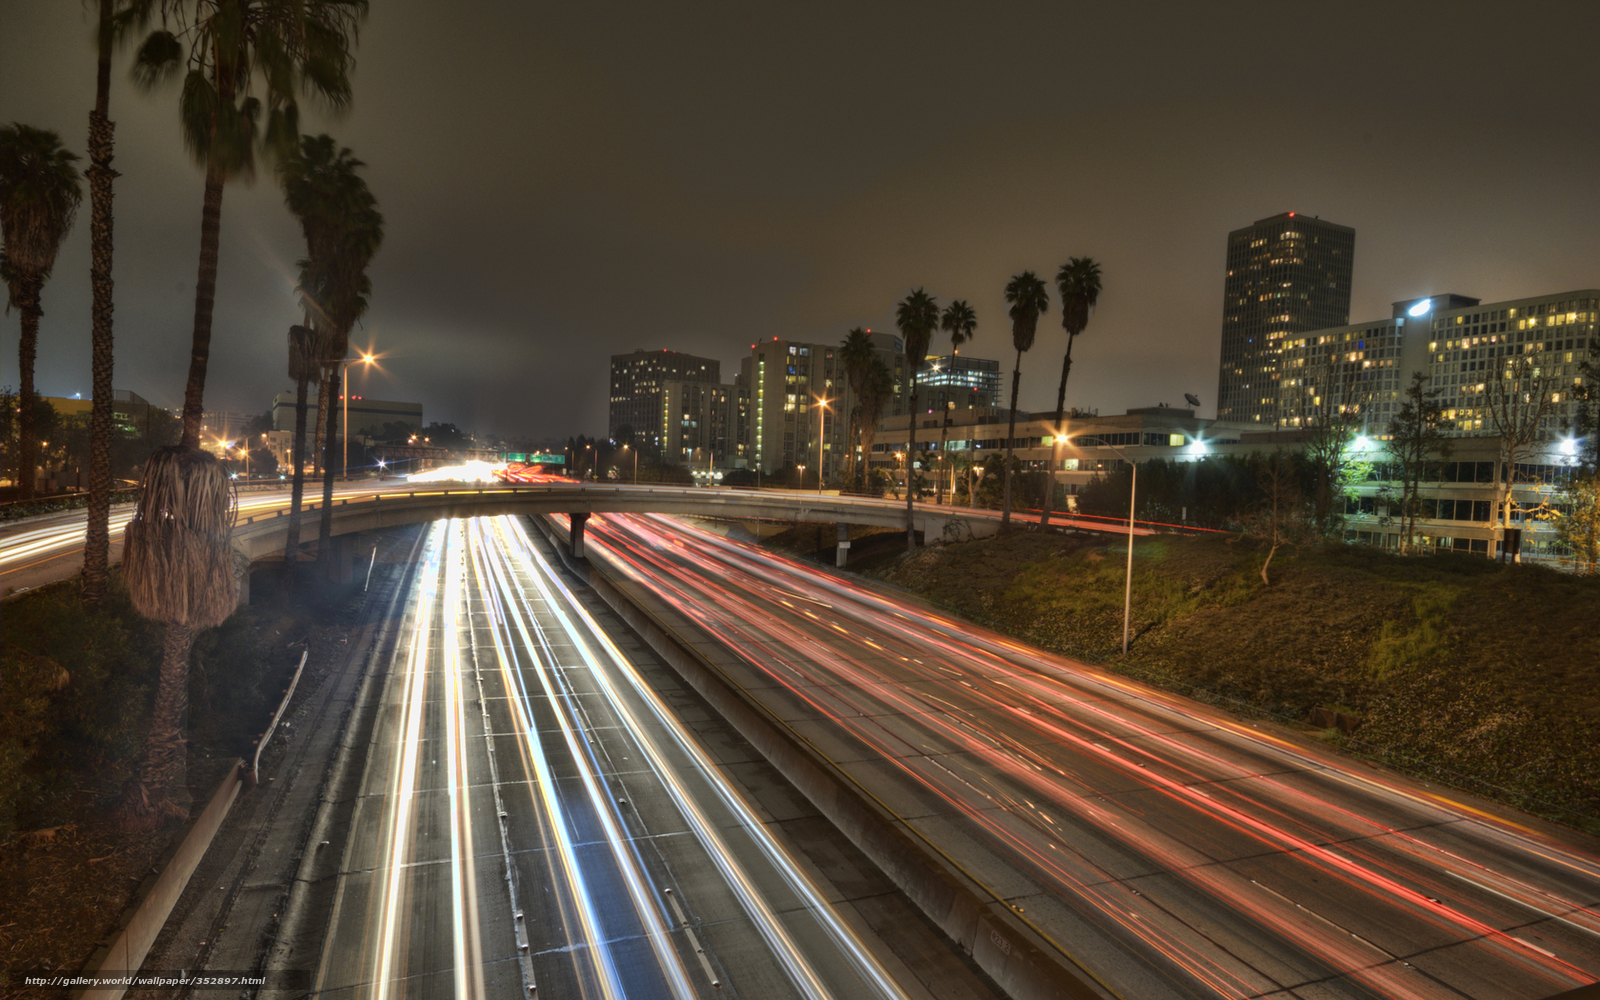 壁紙をダウンロード ロサンゼルス市 シティ アメリカ カリフォルニア デスクトップの解像度のための無料壁紙 1680x1050 絵 3527